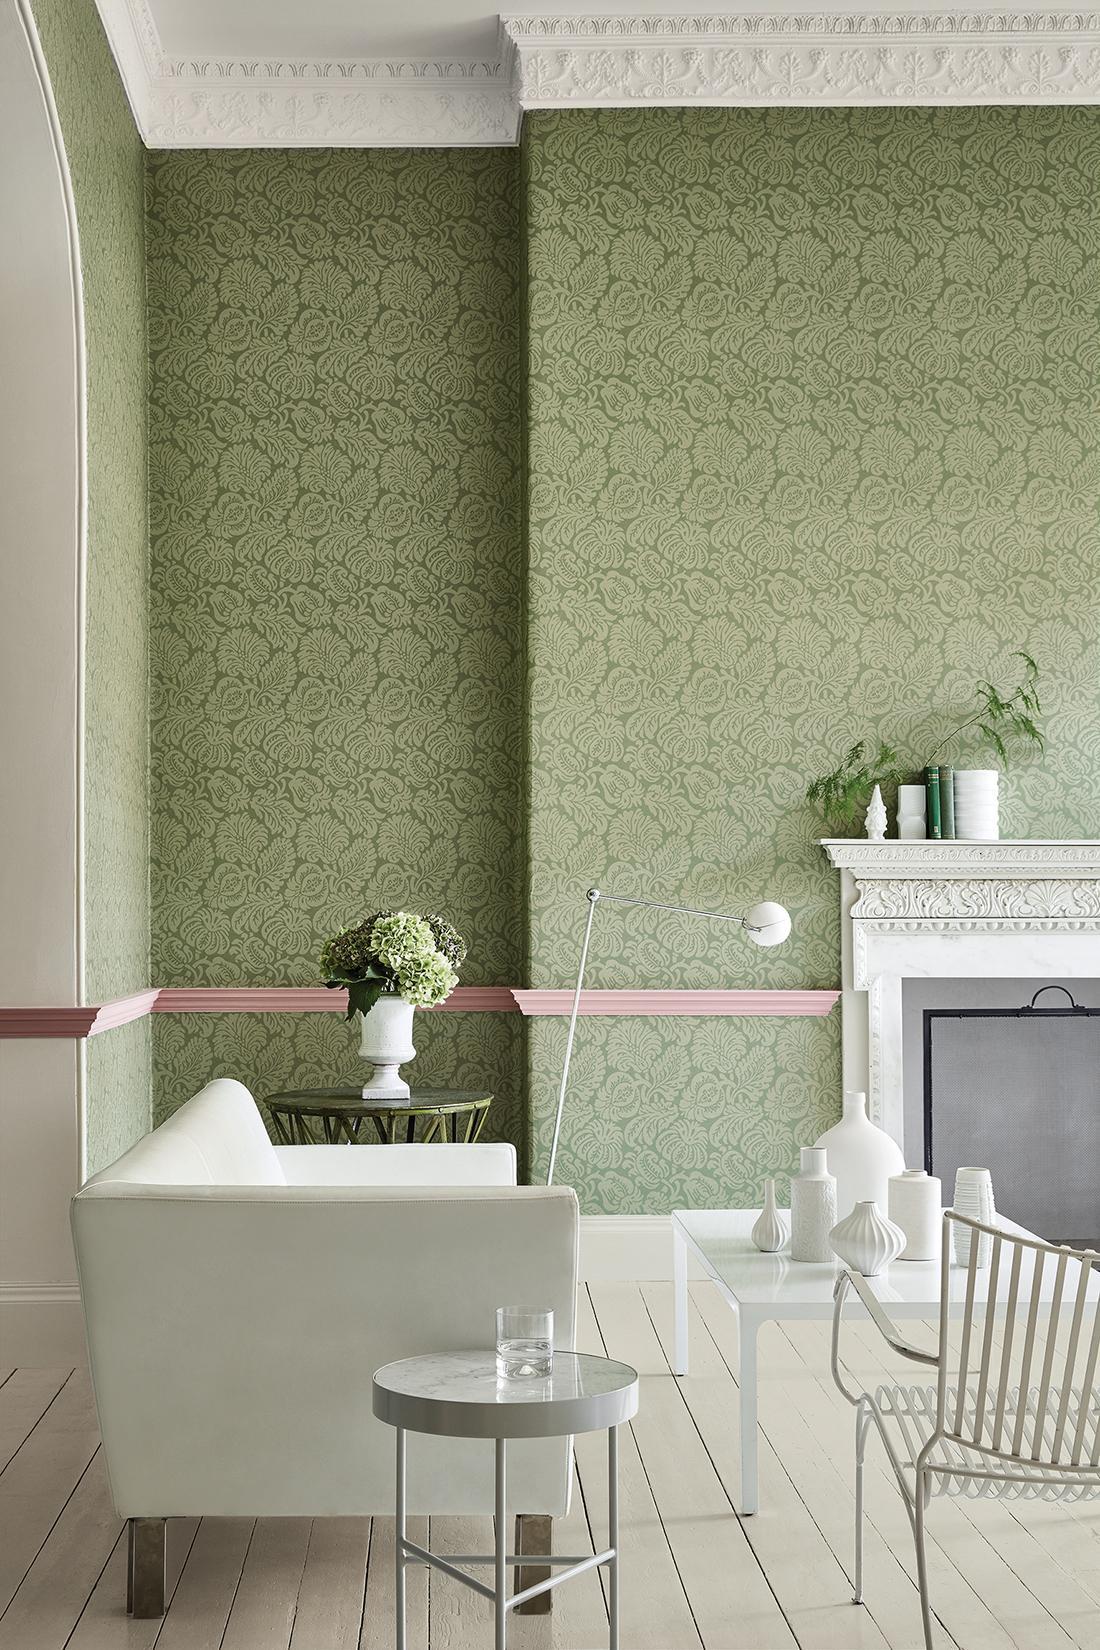 Full Size of Tapeten Ideen Für Küche Wohnzimmer Schlafzimmer Bad Renovieren Fototapeten Die Wohnzimmer Tapeten Ideen